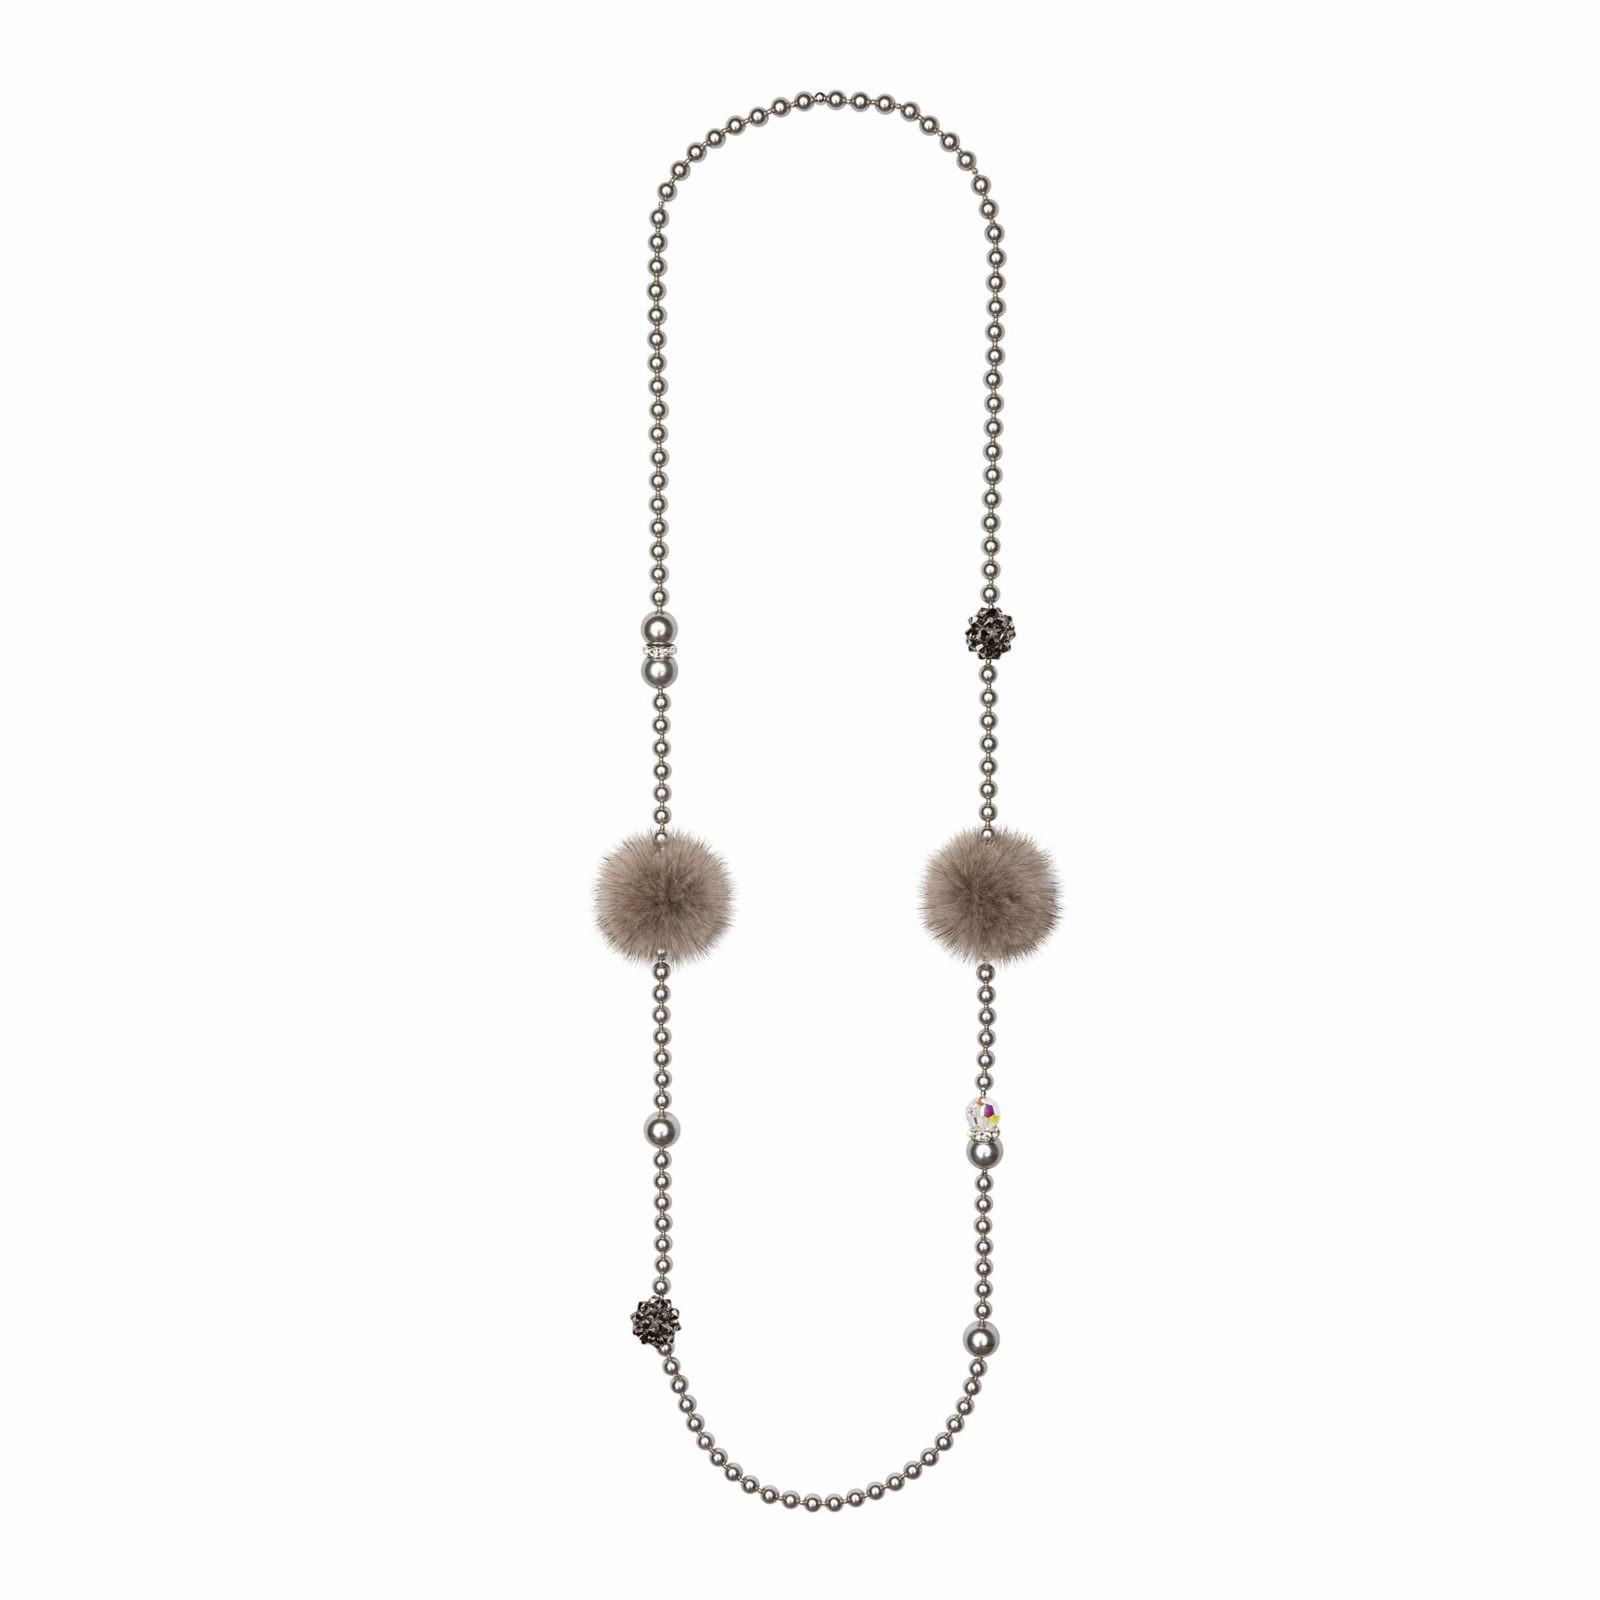 Noemi Duo náhrdelník sivý